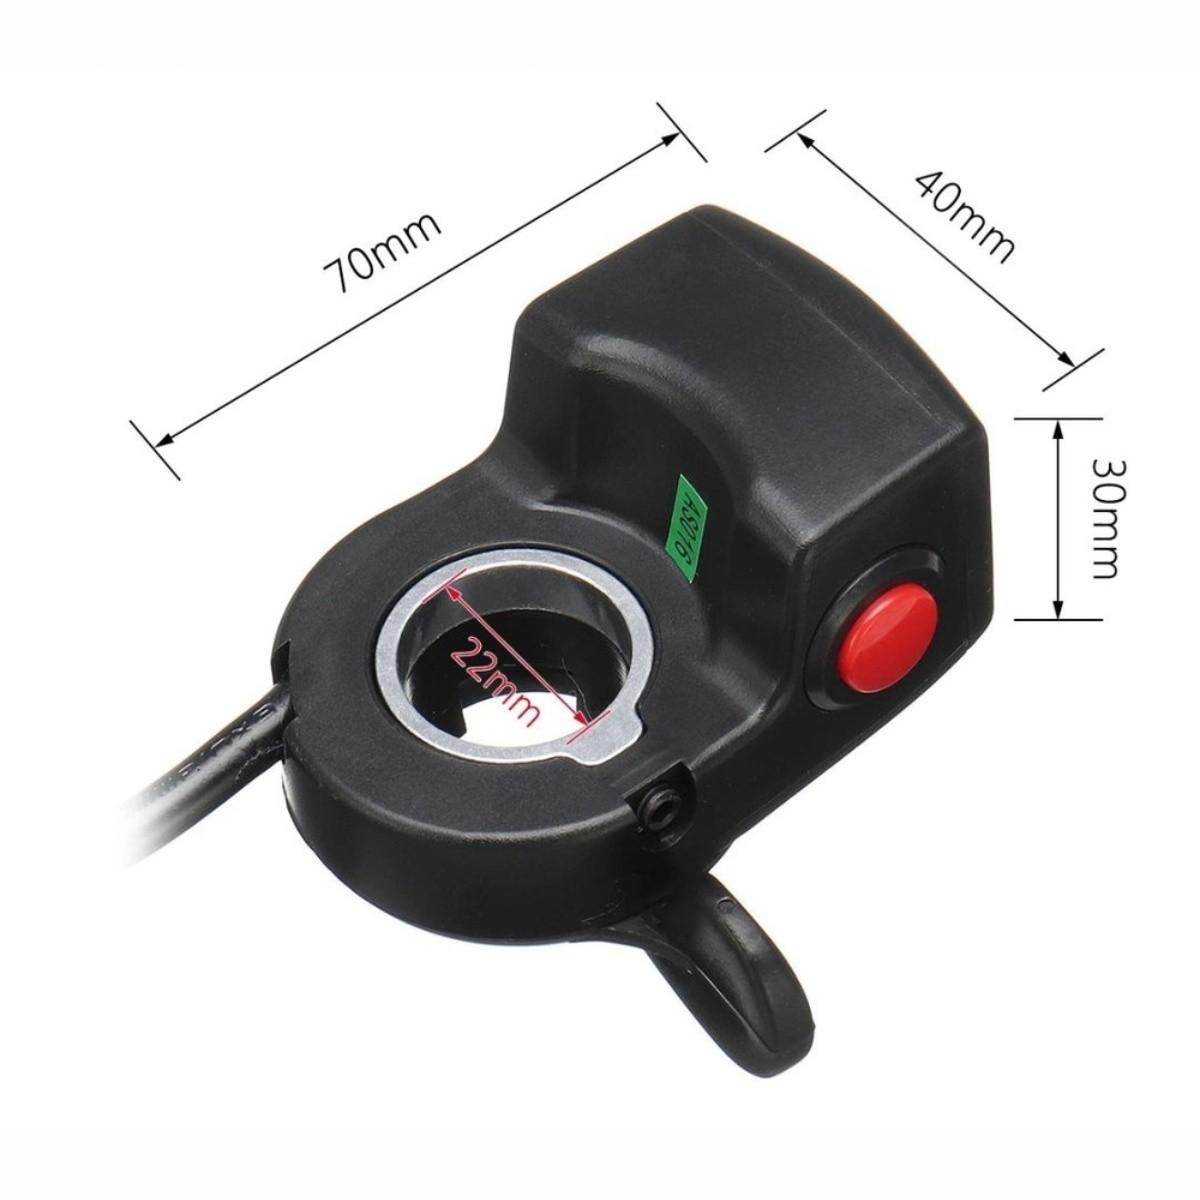 Acelerador C/ Marcador de Bateria 36v (Dedo)